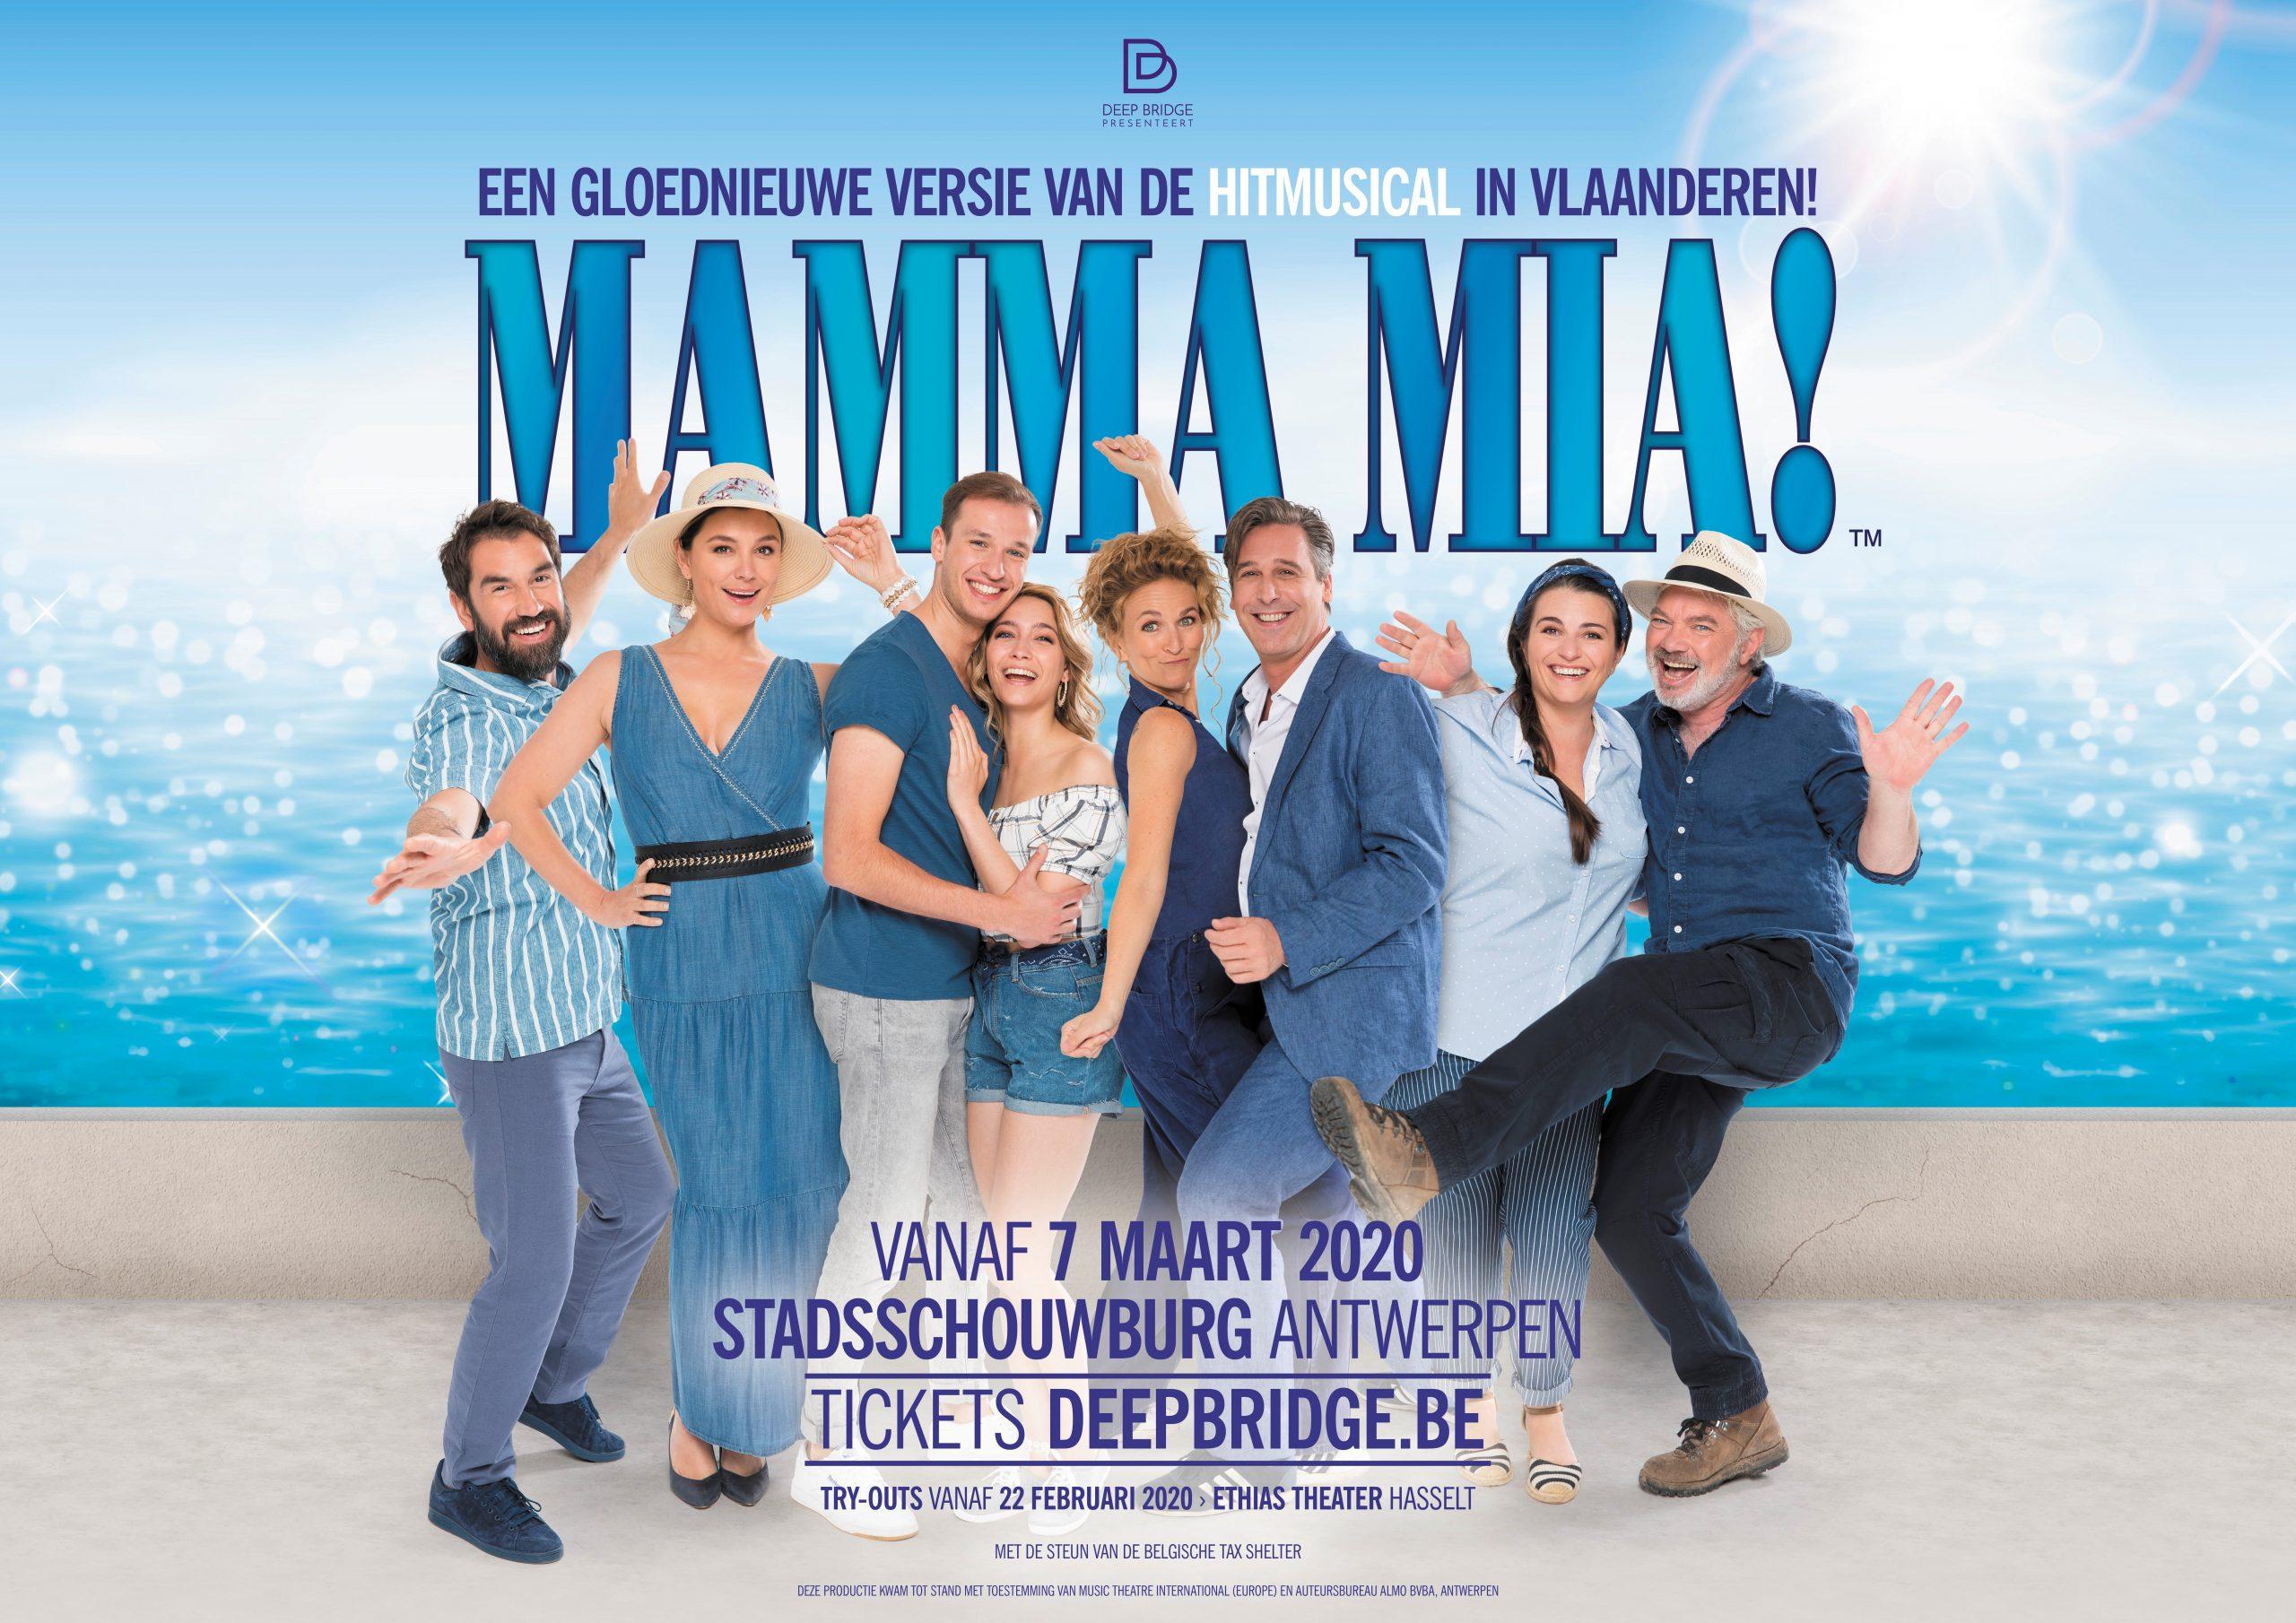 De hitmusical 'MAMMA MIA!' verkocht al 60.000 tickets - Affiche Mama Mia scaled